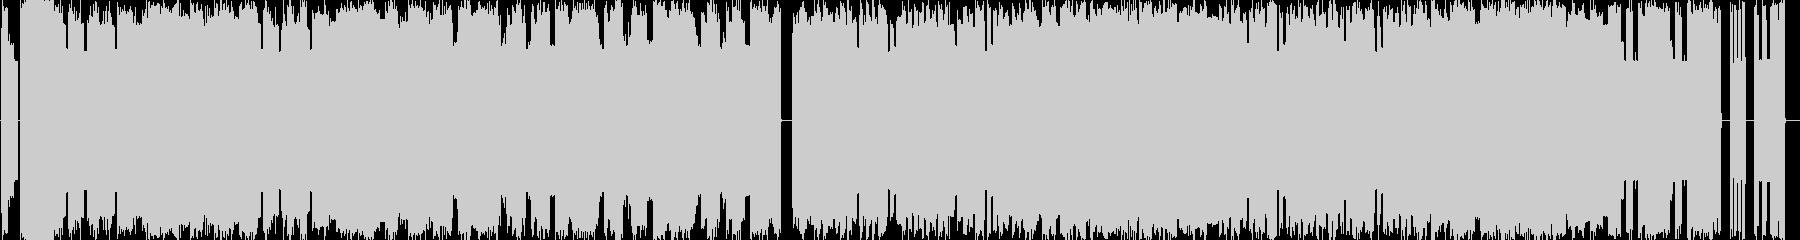 ファミコン系ループピコピコ音ボスバトル曲の未再生の波形